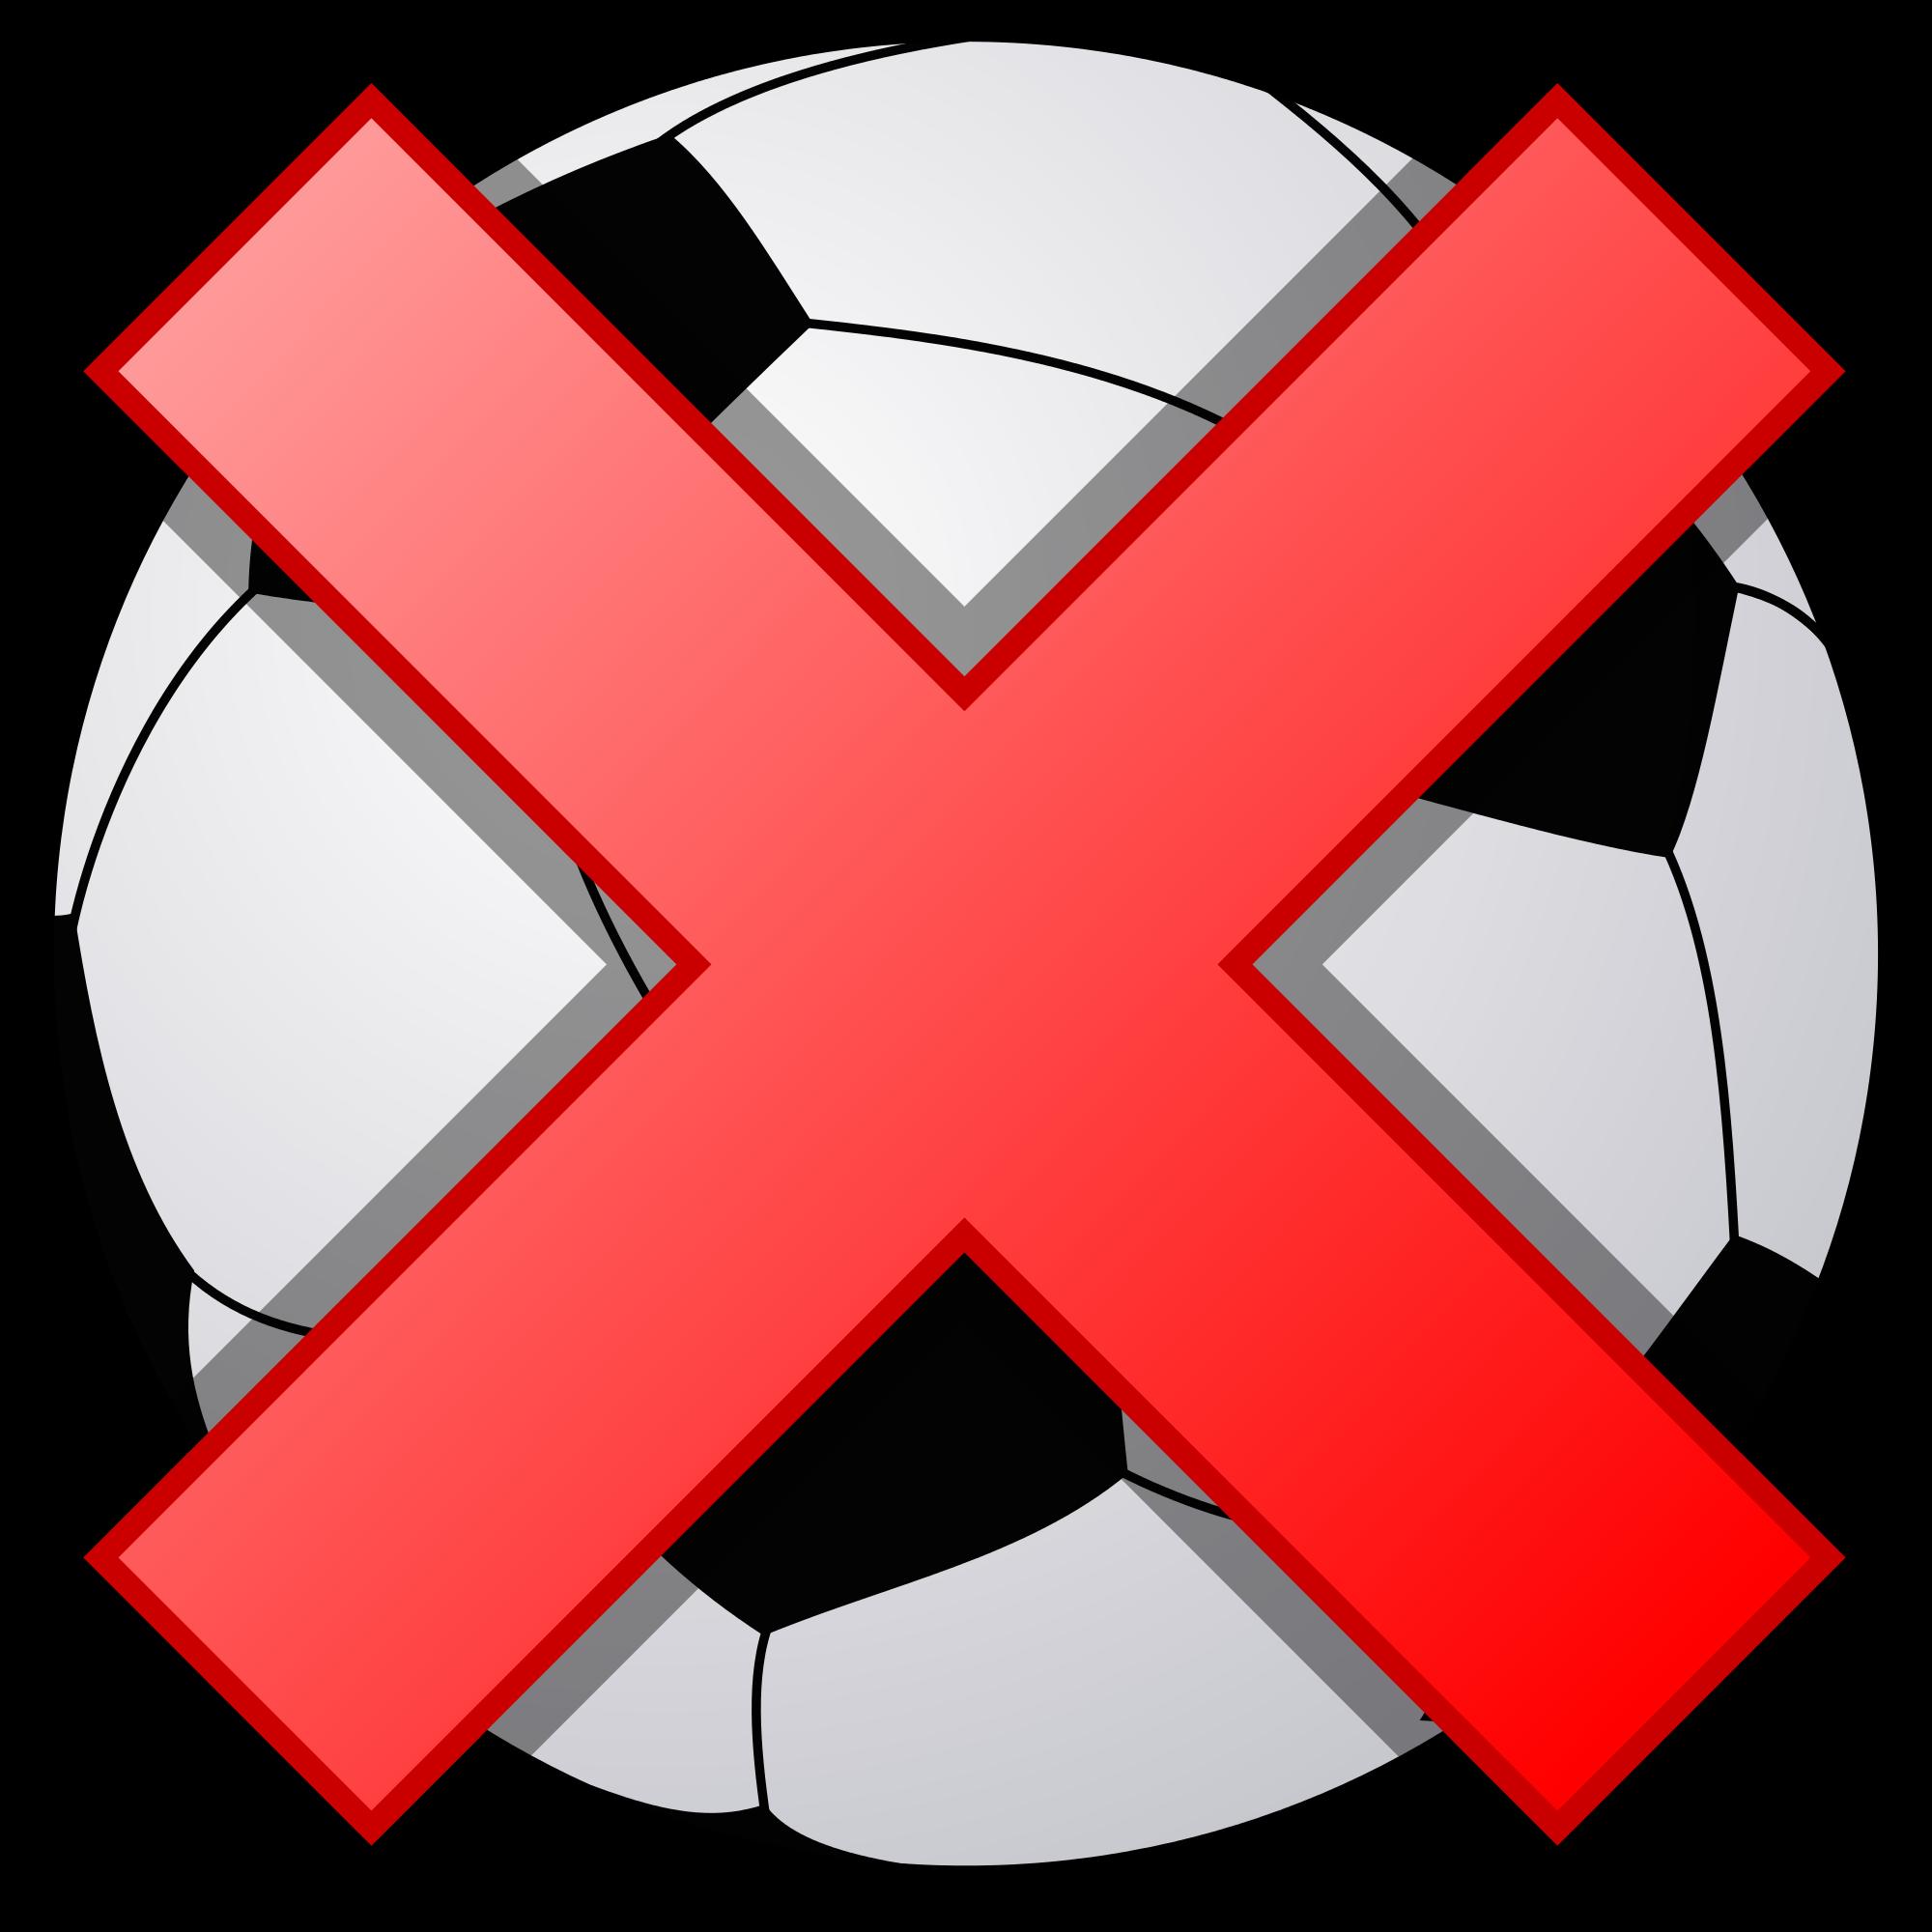 Clipart cross football. File soccerball shade svg